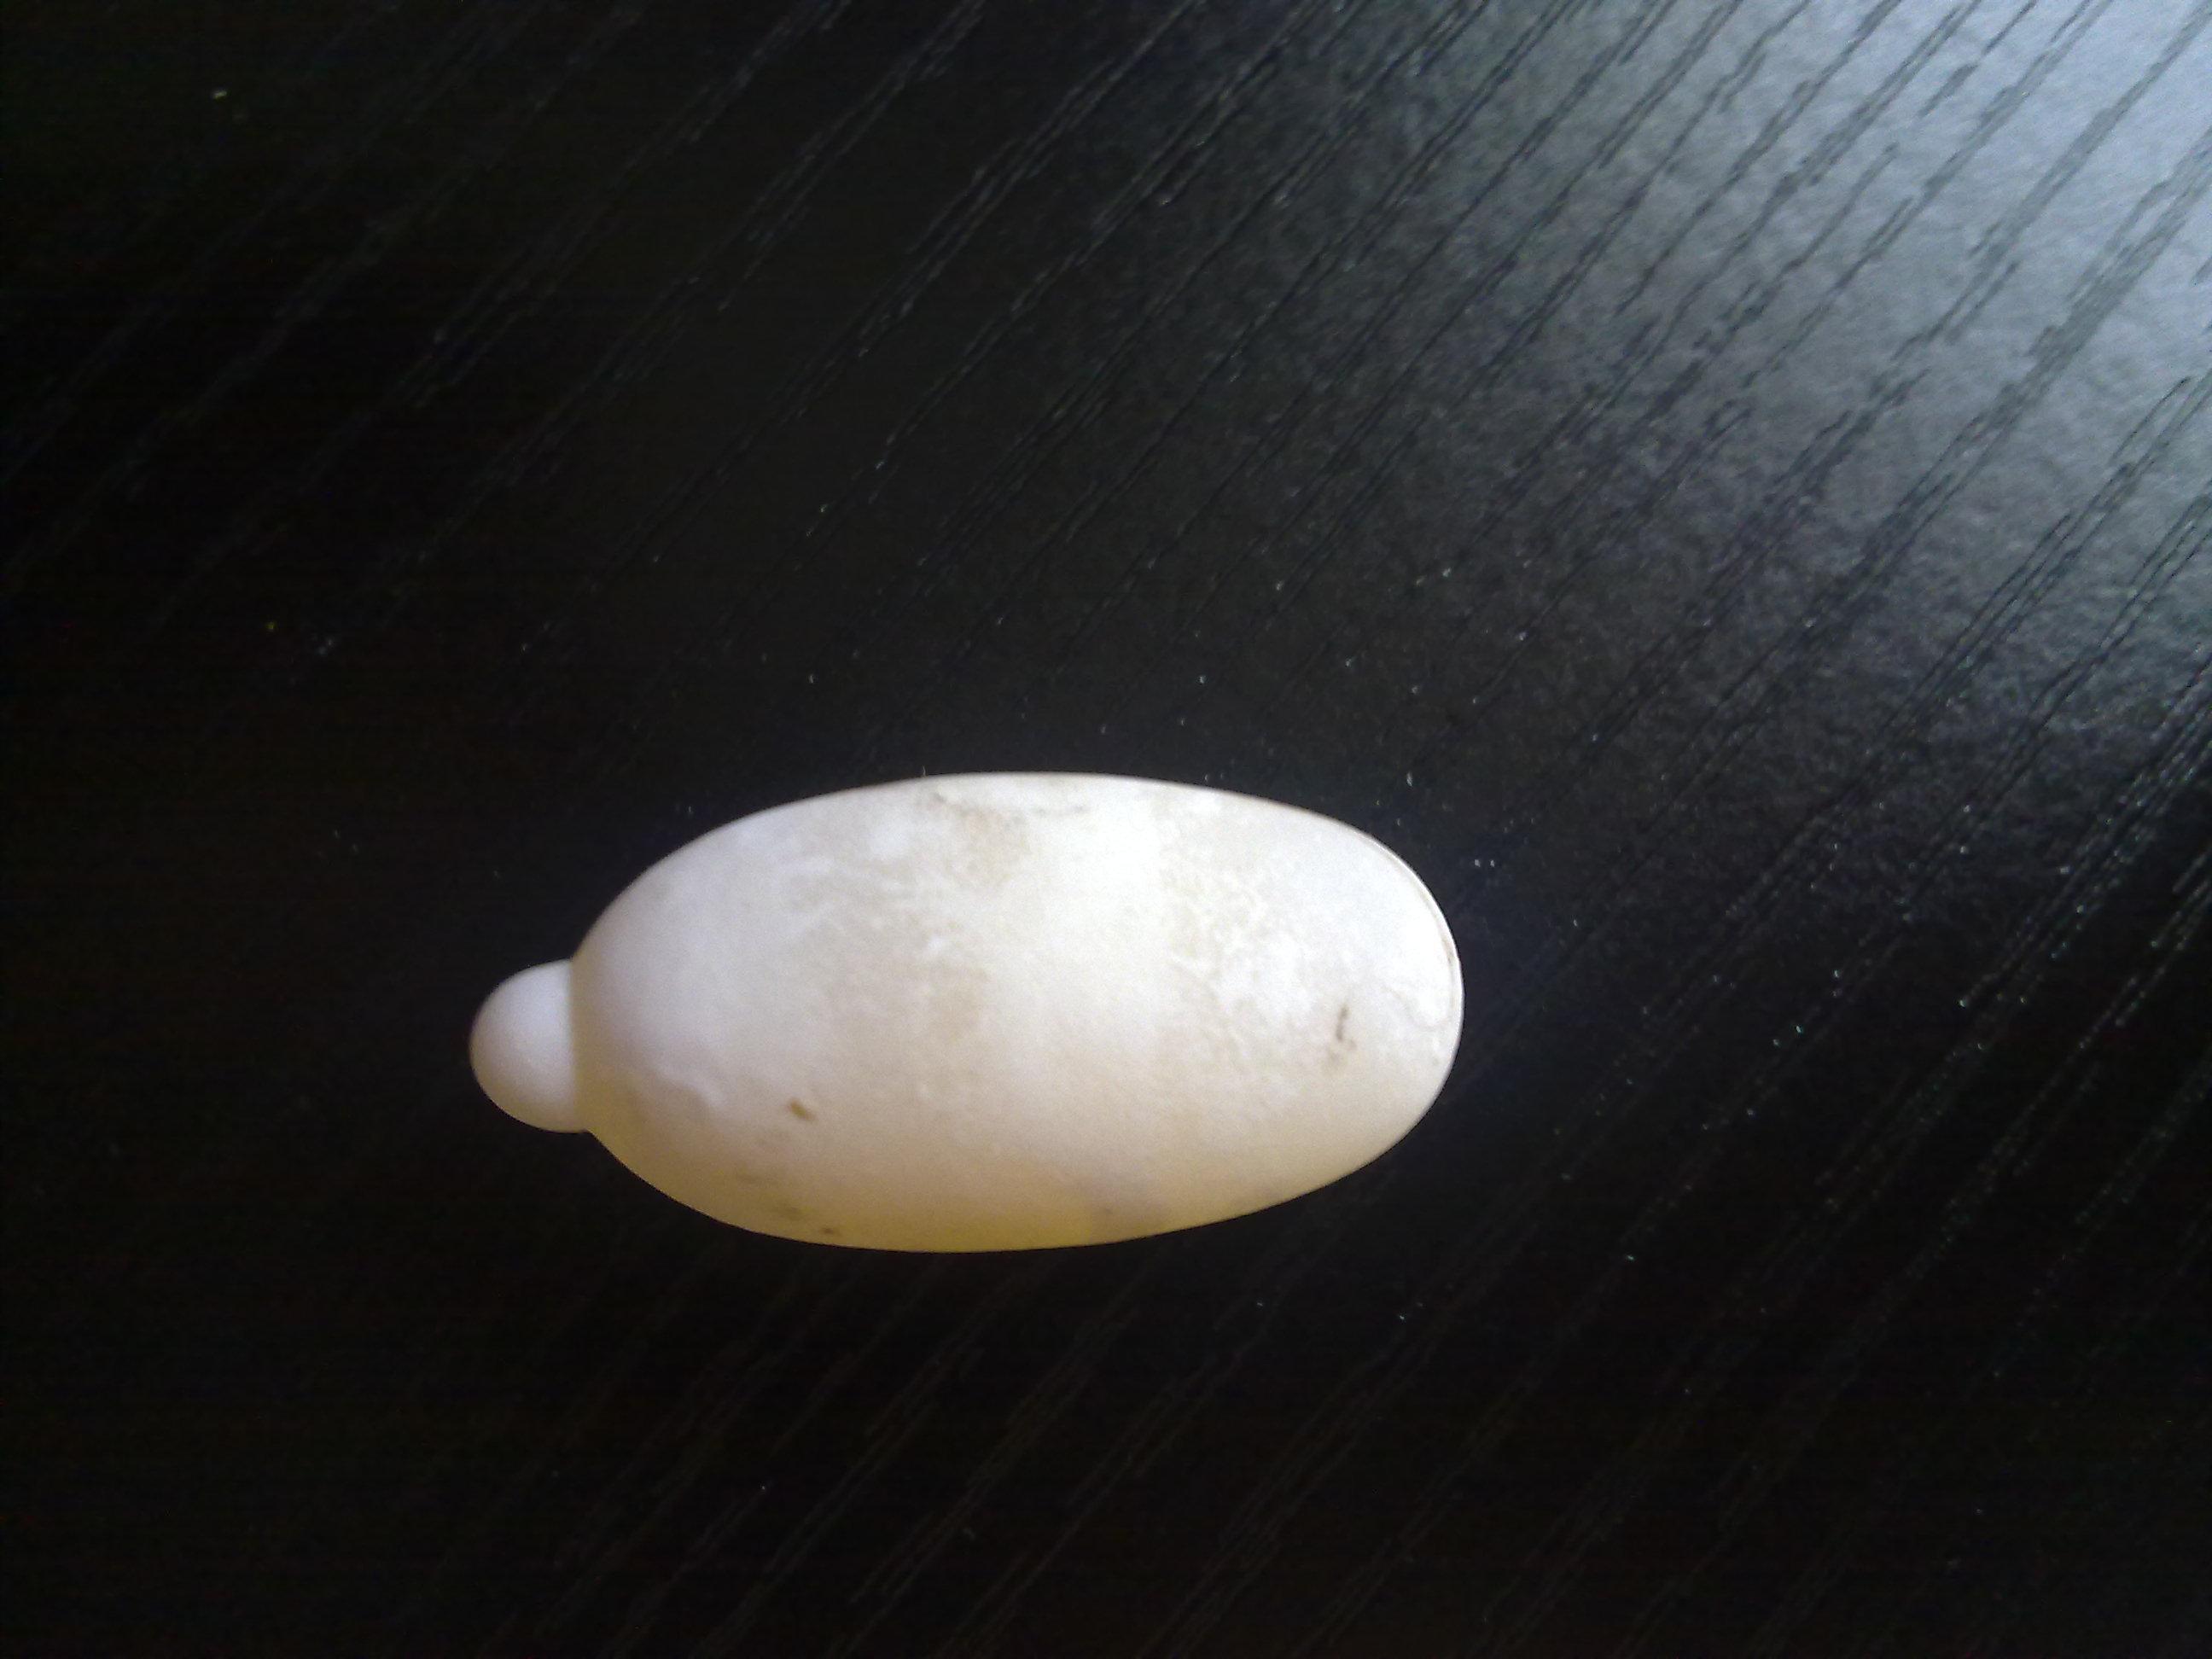 乌龟怎么受精 受精的乌龟蛋 乌龟蛋的受精斑